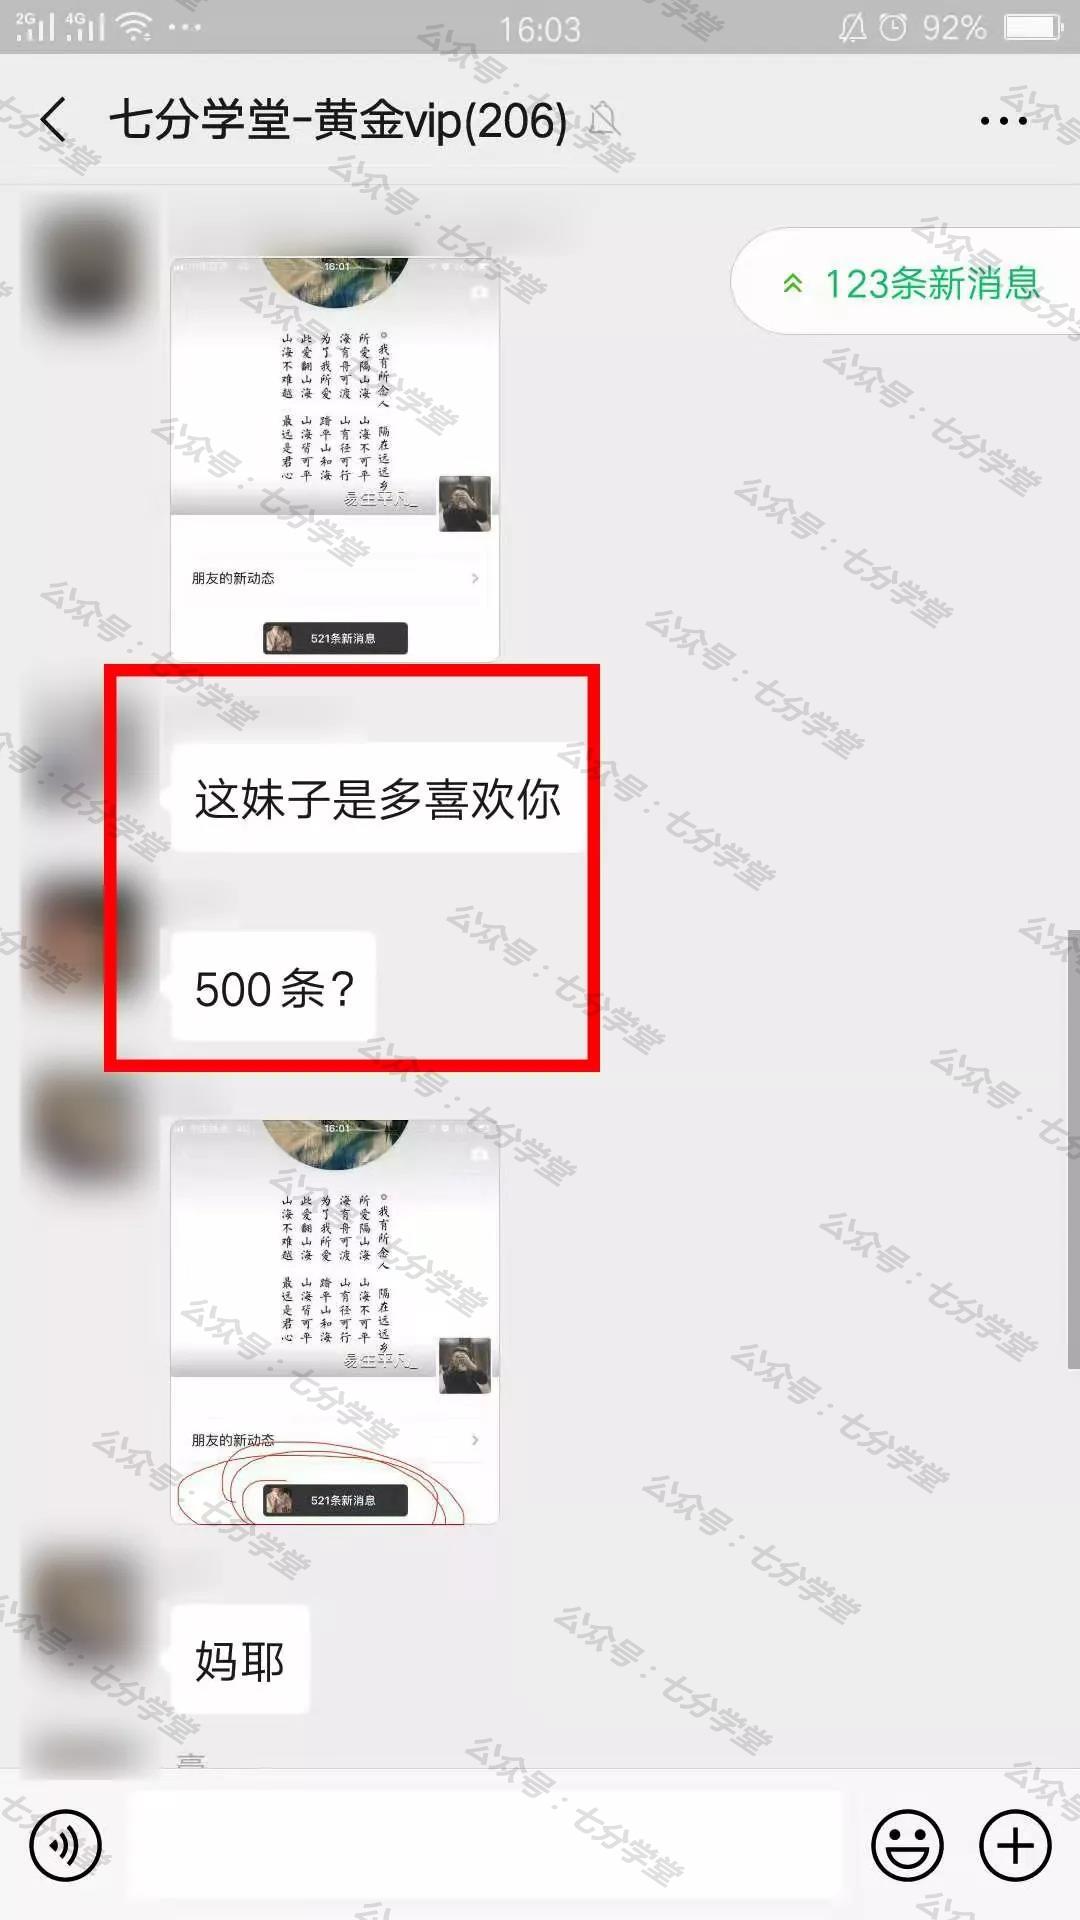 社交达人告诉你国庆节如何发朋友圈秒获2000赞